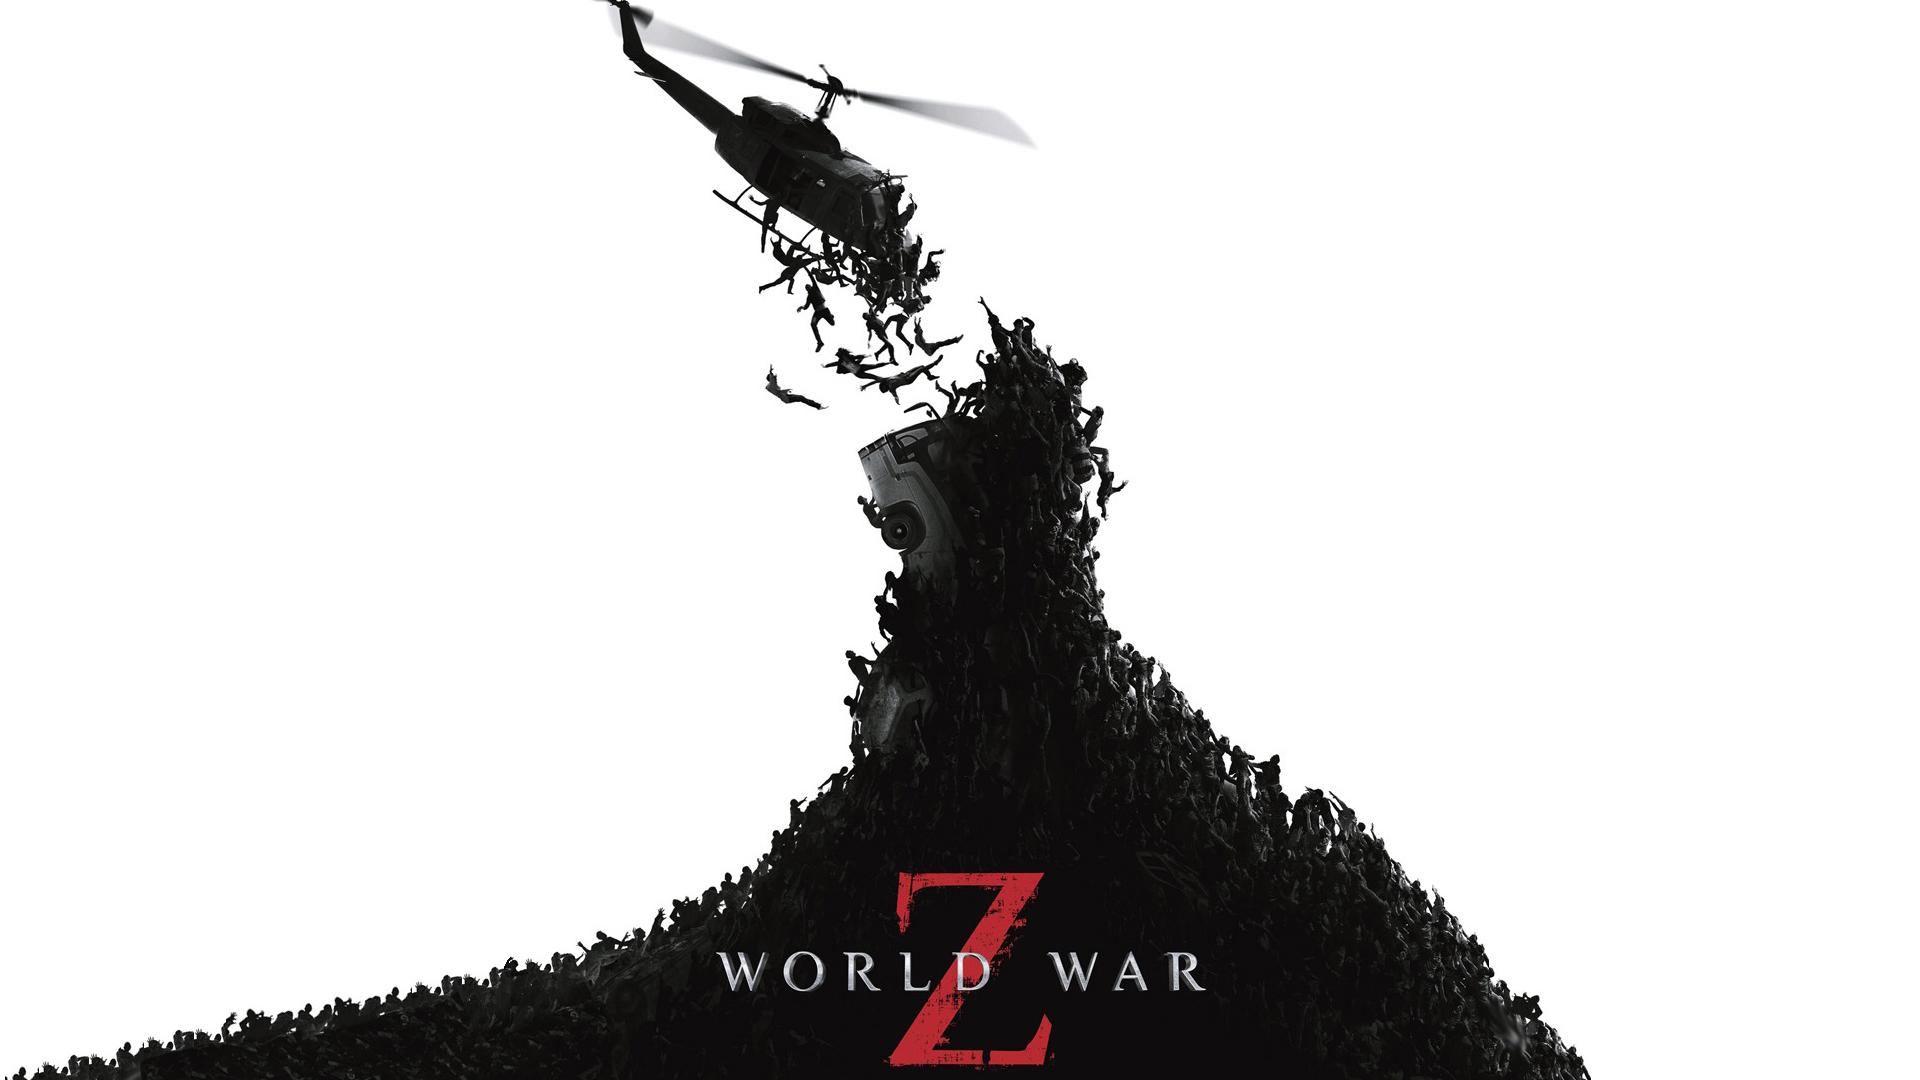 World War Z wallpaper 2